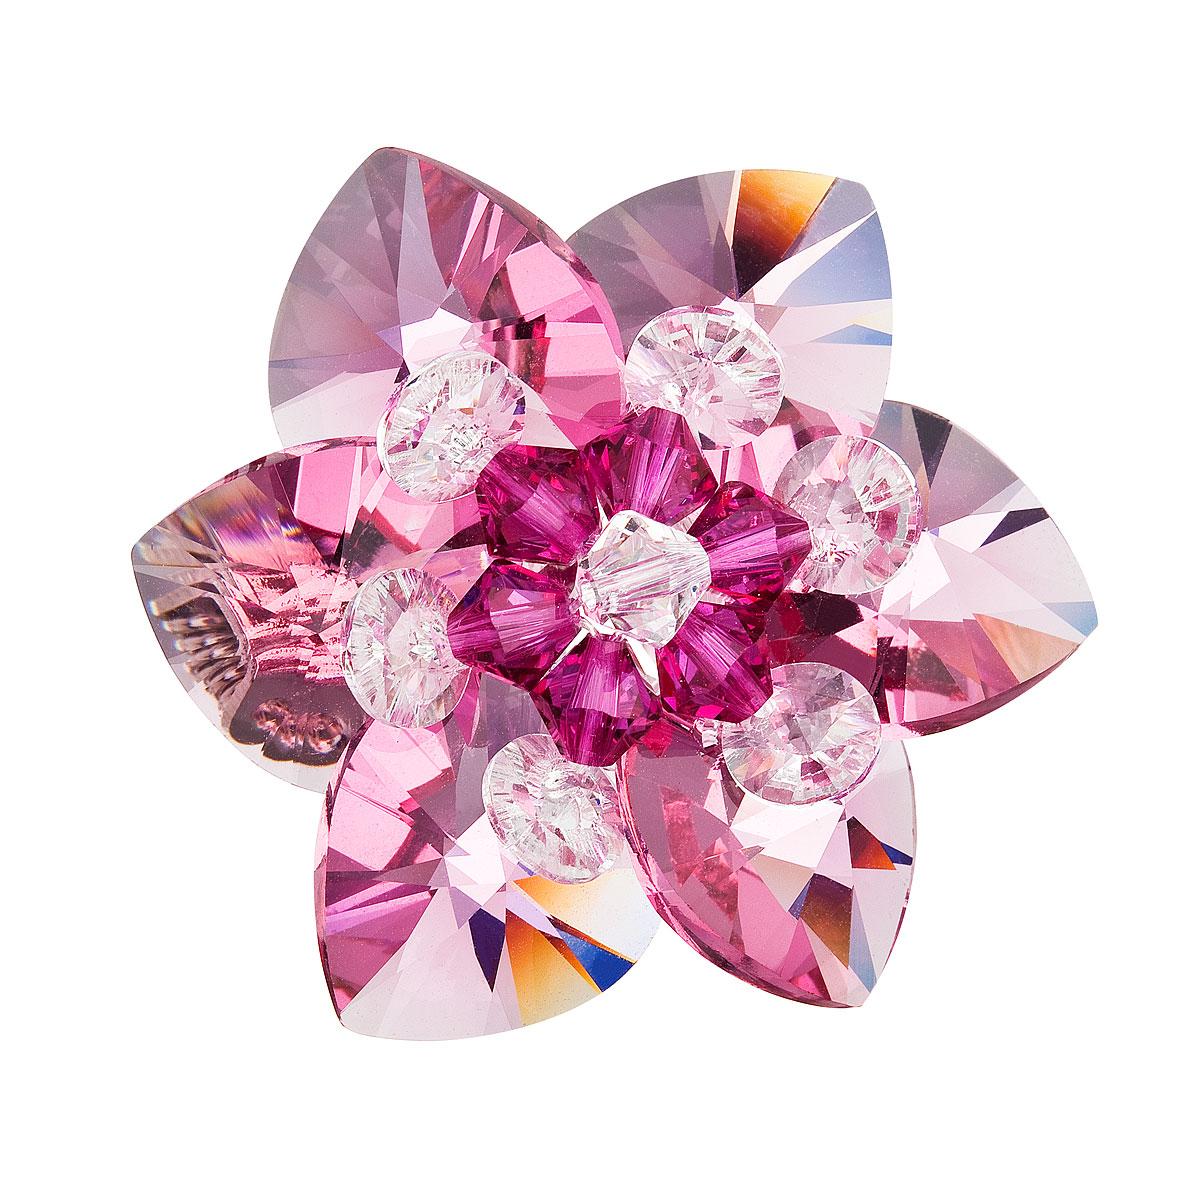 Brož bižuterie se Swarovski krystaly růžová kytička 78002.3